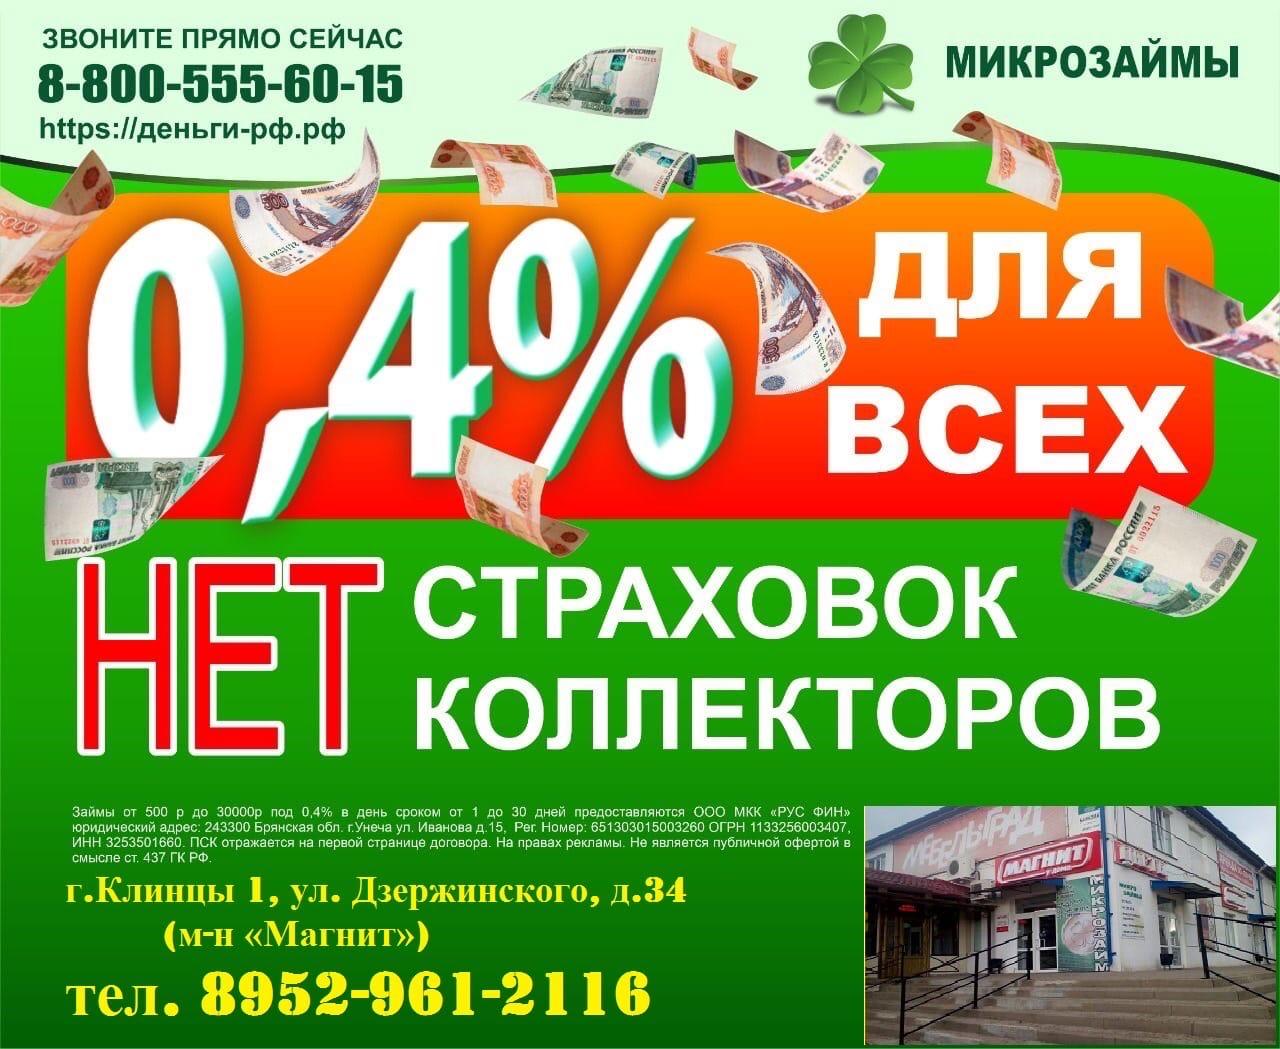 ооо мкк центр займа русские деньги